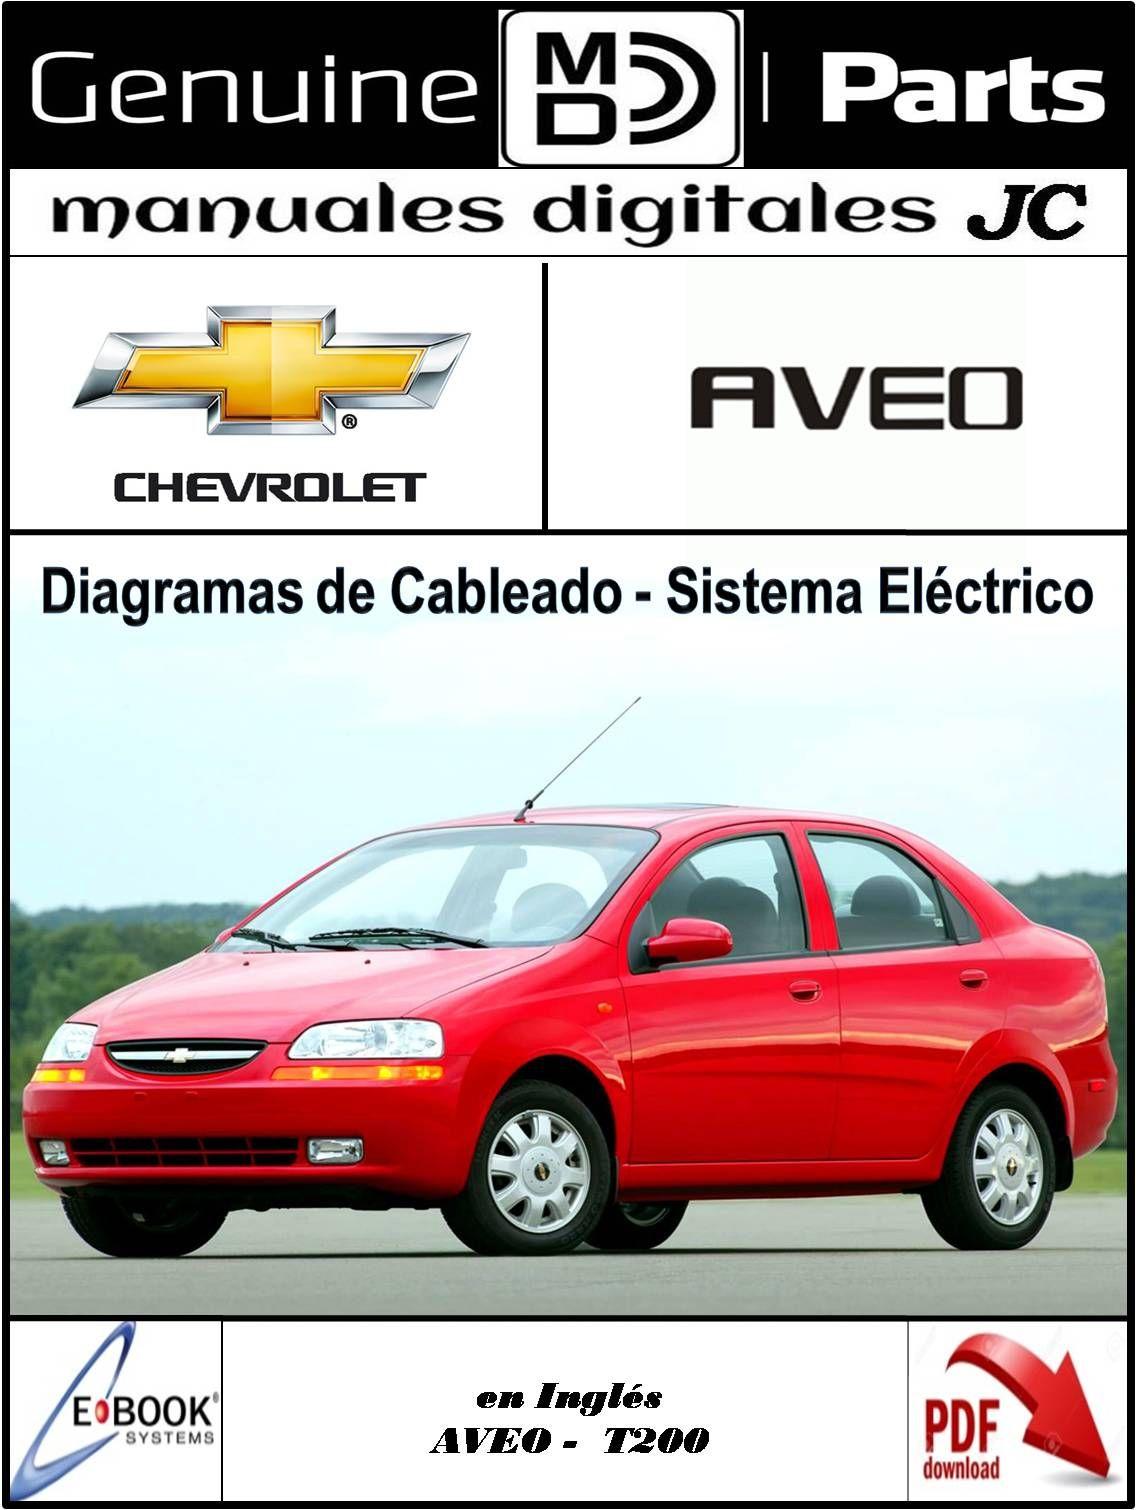 Manual Diagramas De Cableado Y Sistema Electrico Para El Chevrolet Aveo Correo Manualesdigitalesjc Gmail Com Tlfs 0246 529 23 30 0424 315 25 Xds Diego